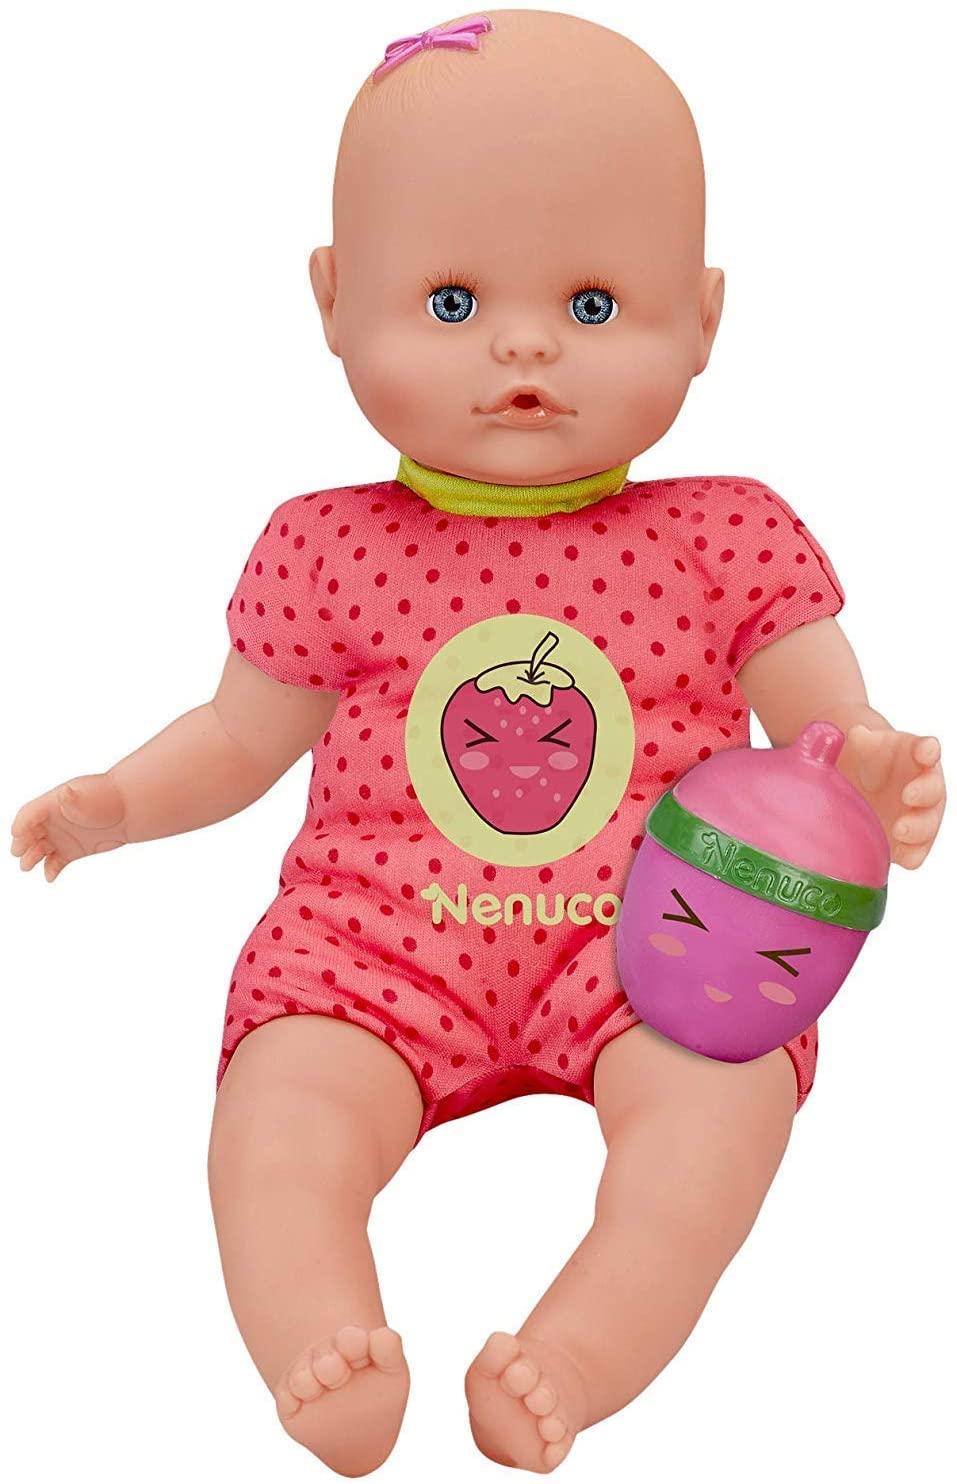 Nenuco - Muñeco Bebé con Biberón Sonajero y Pijama Rosa